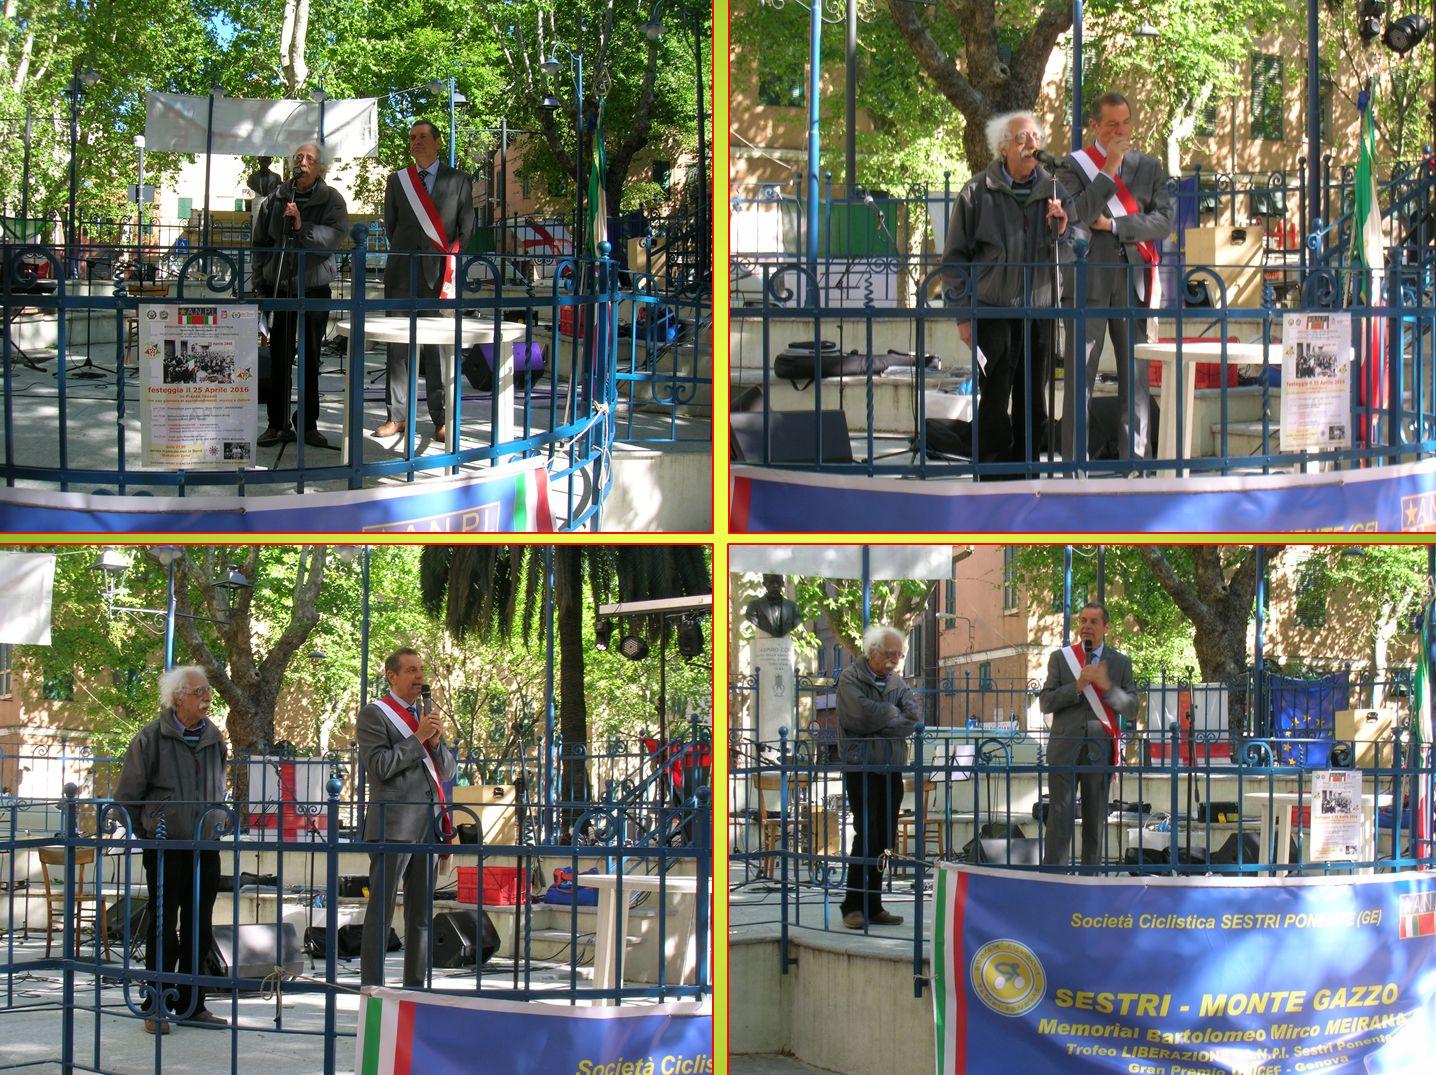 Commemorazione del 25 Aprle con gli interventi del Presidente dell'ANPI di Sestri P. Giancarlo RUSSO e il Presidente del Municipio VI Medioponente Giuseppe SPATOLA